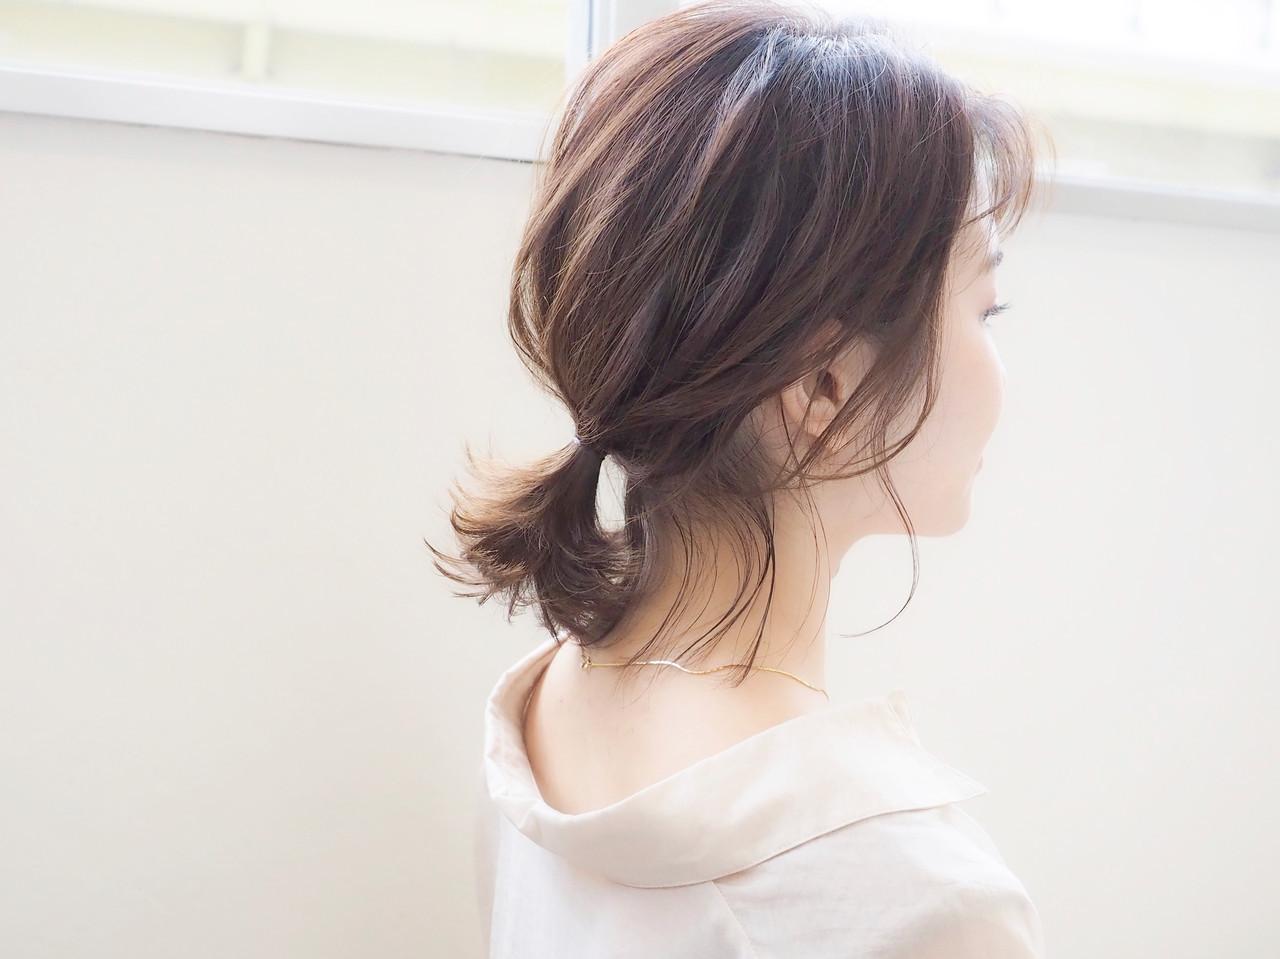 ミルクティーベージュ ポニーテール ボブ ポニーテールアレンジ ヘアスタイルや髪型の写真・画像